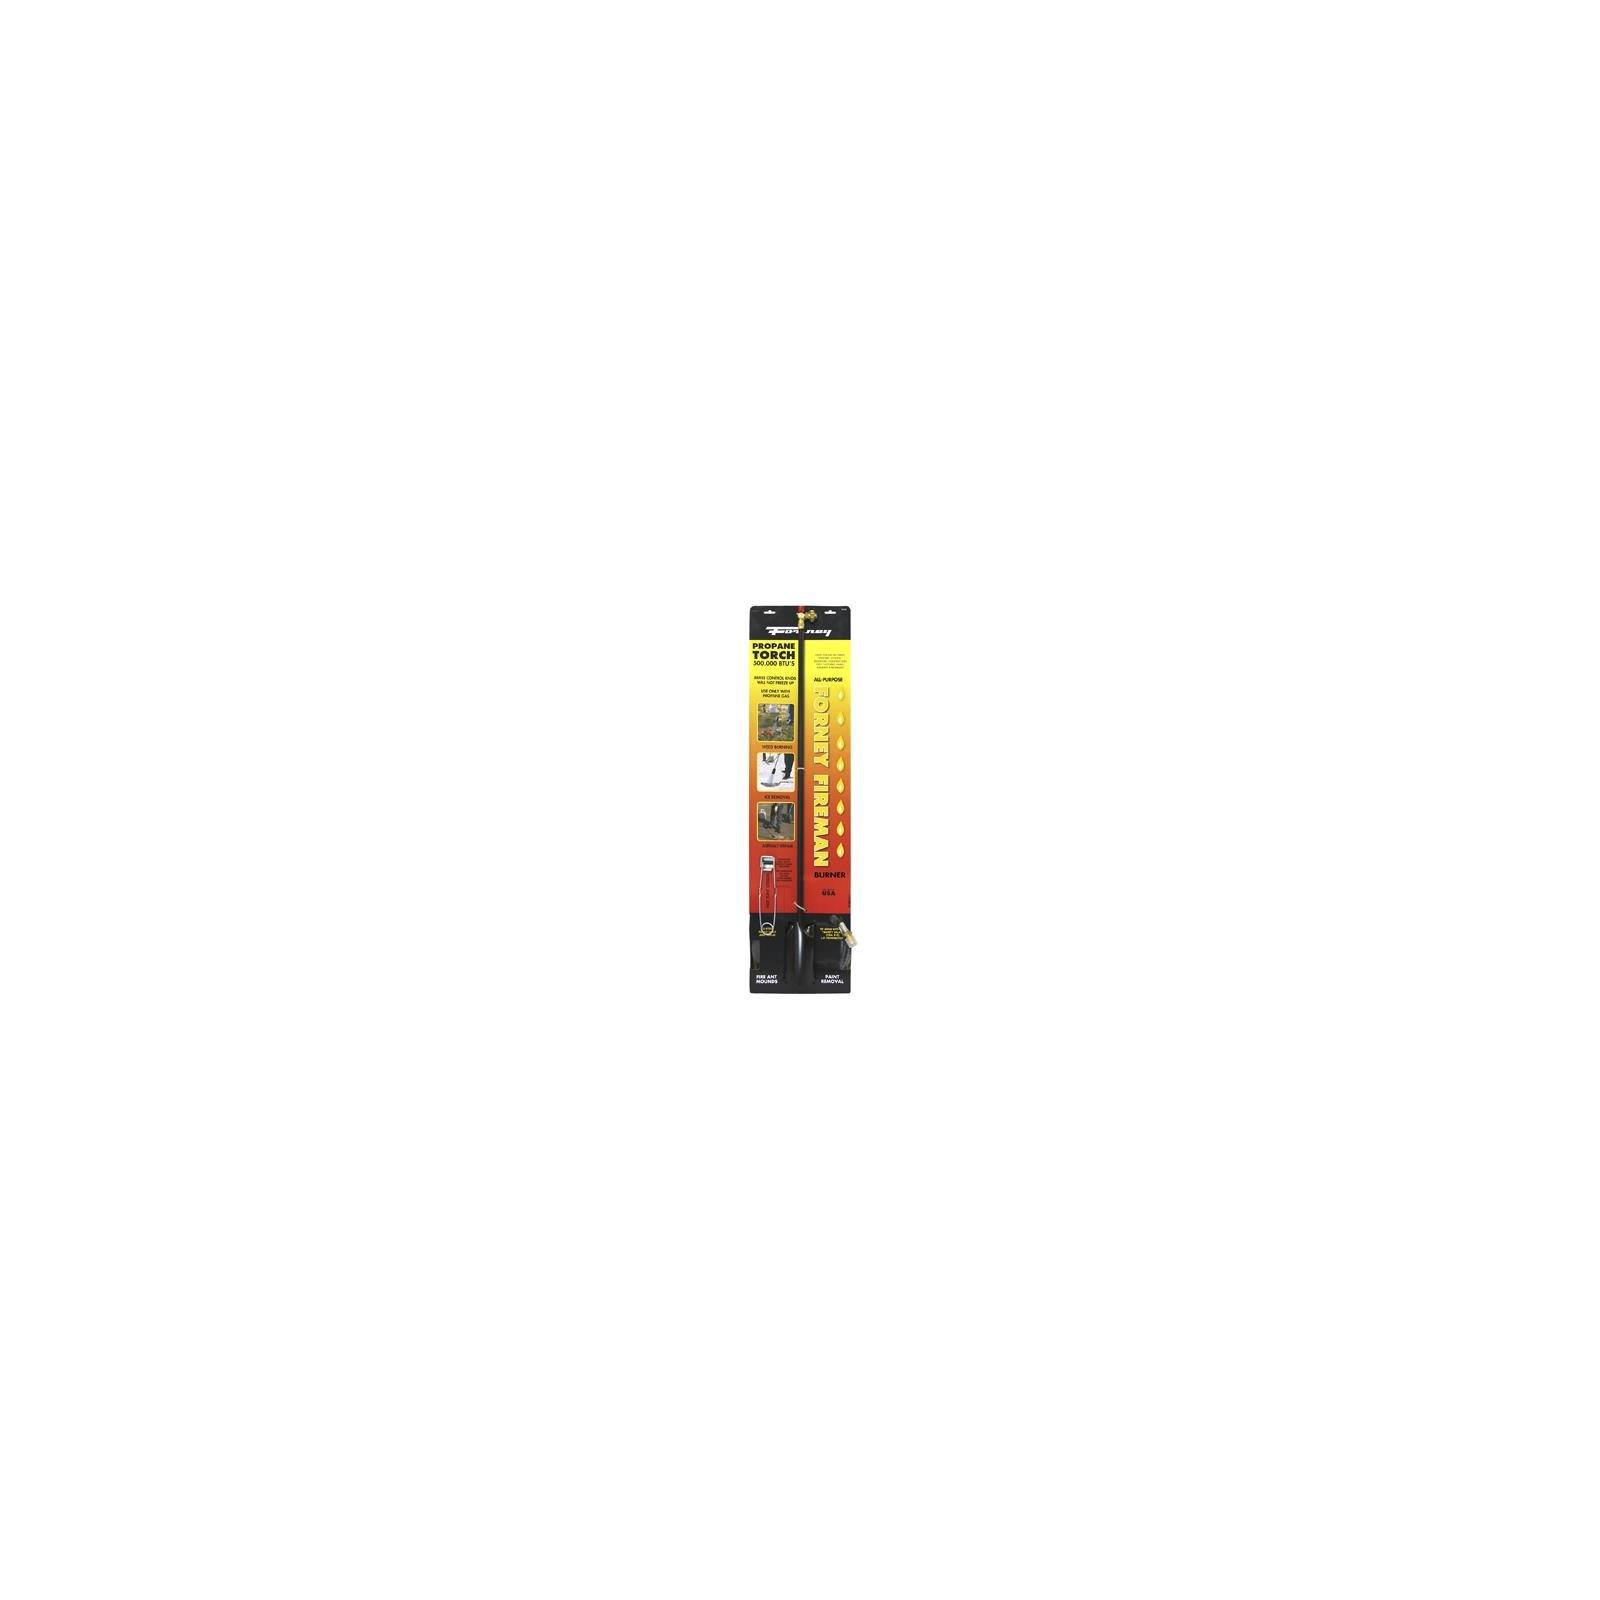 Uni-Flame Weed Burner